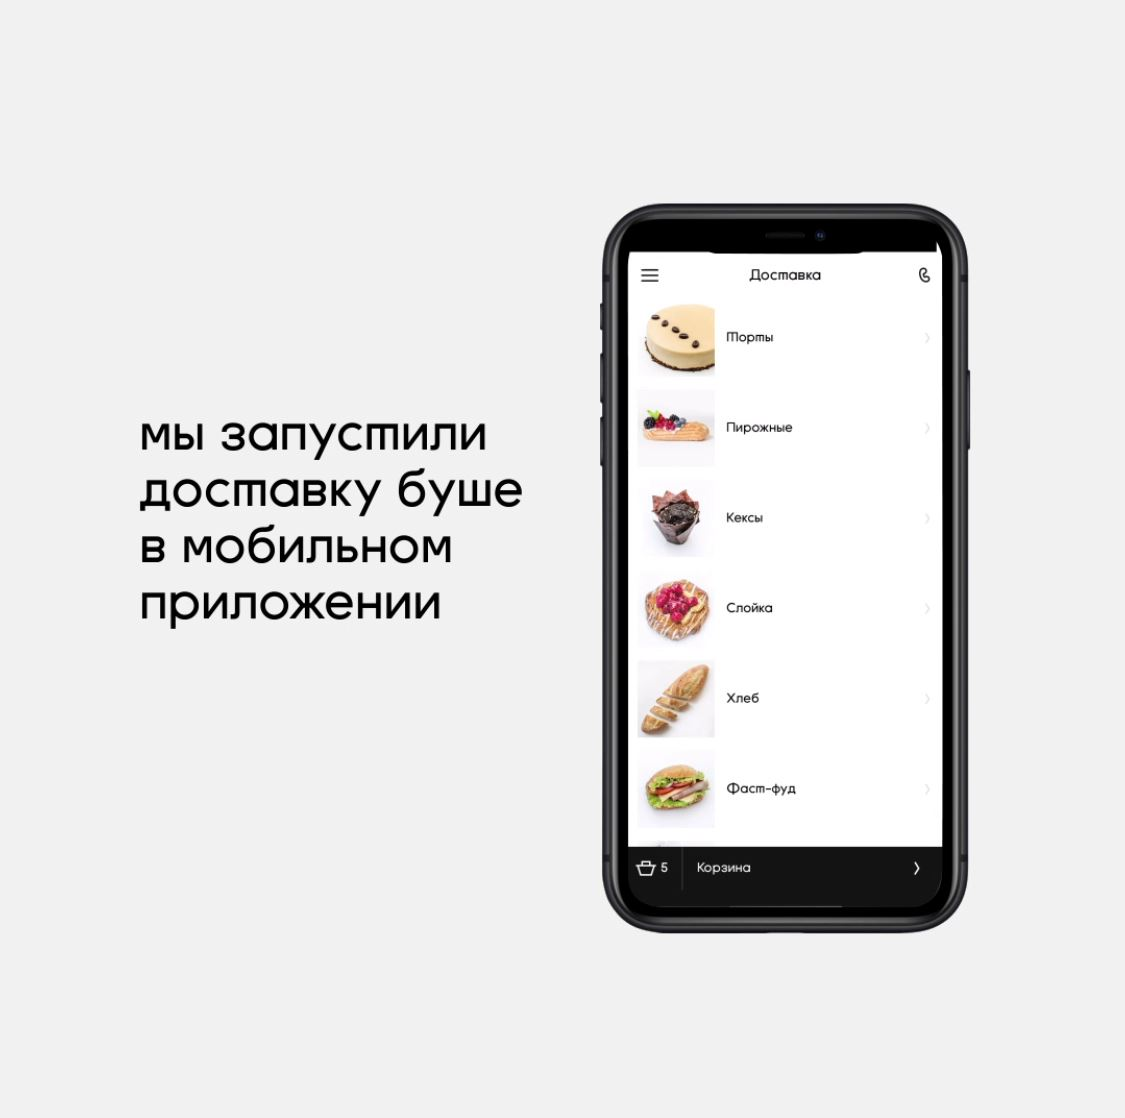 Теперь оформить доставку можно через мобильное приложение буше!